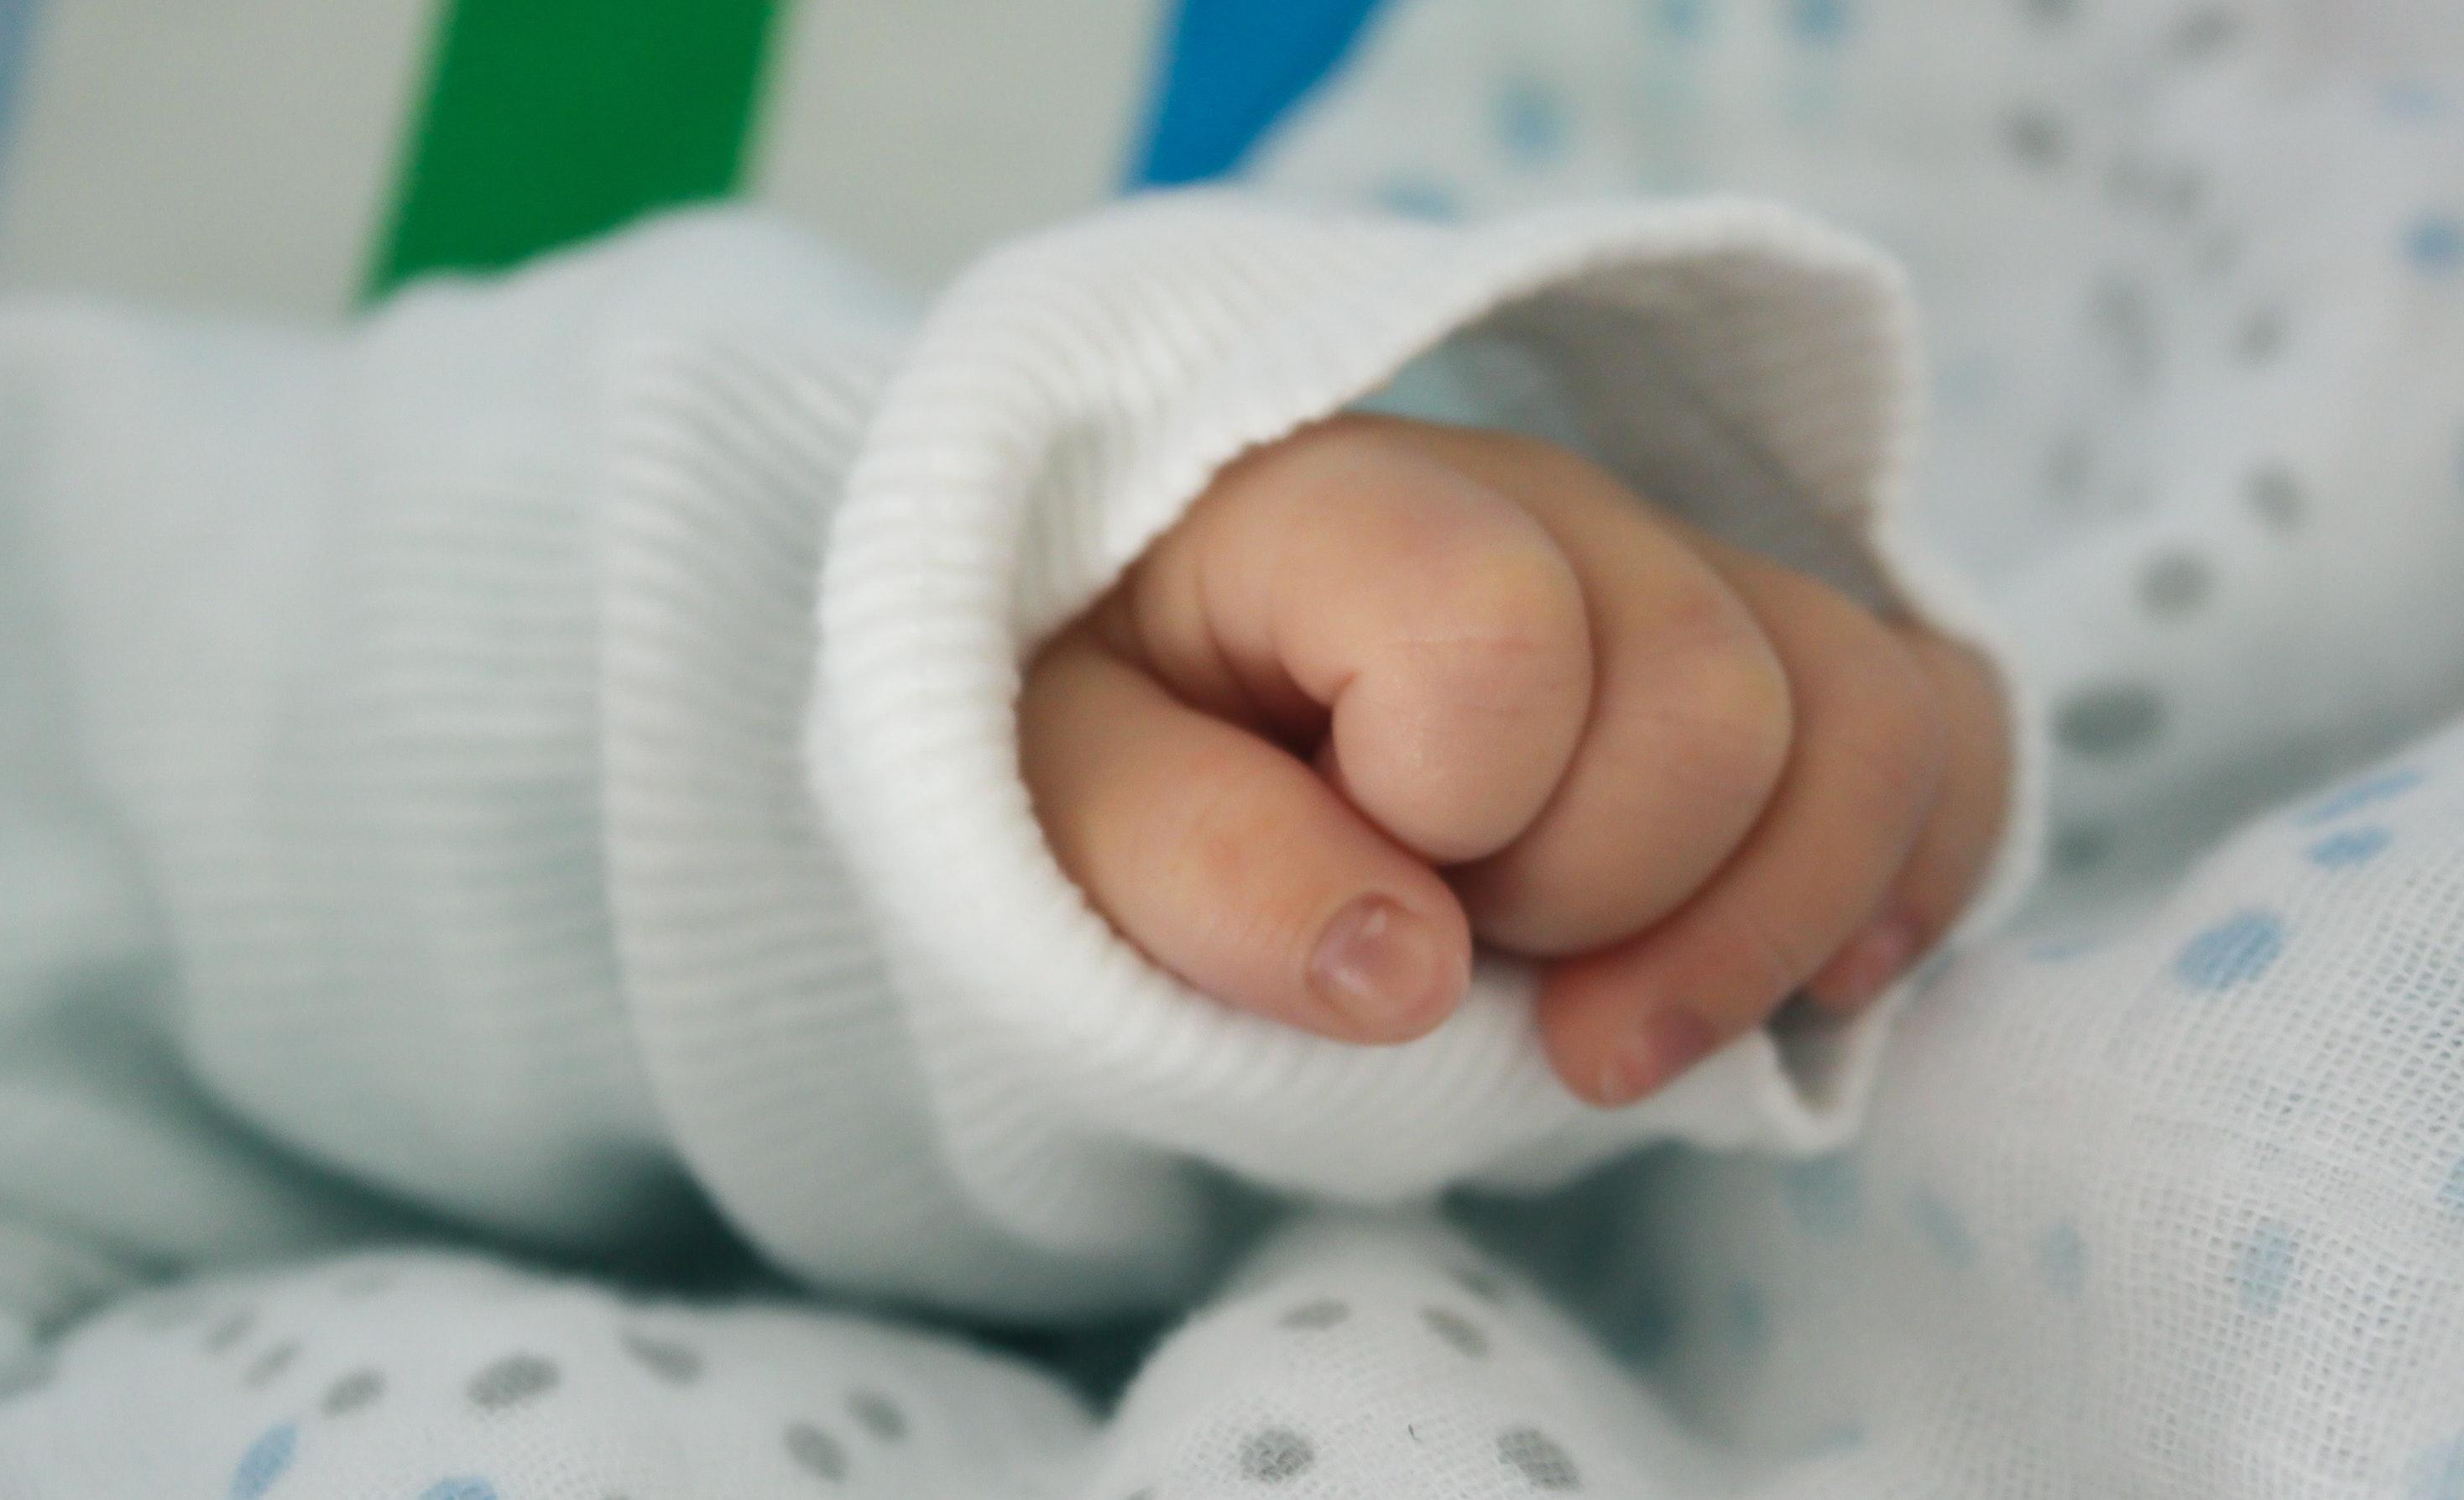 baby-child-fingers-15988.jpg